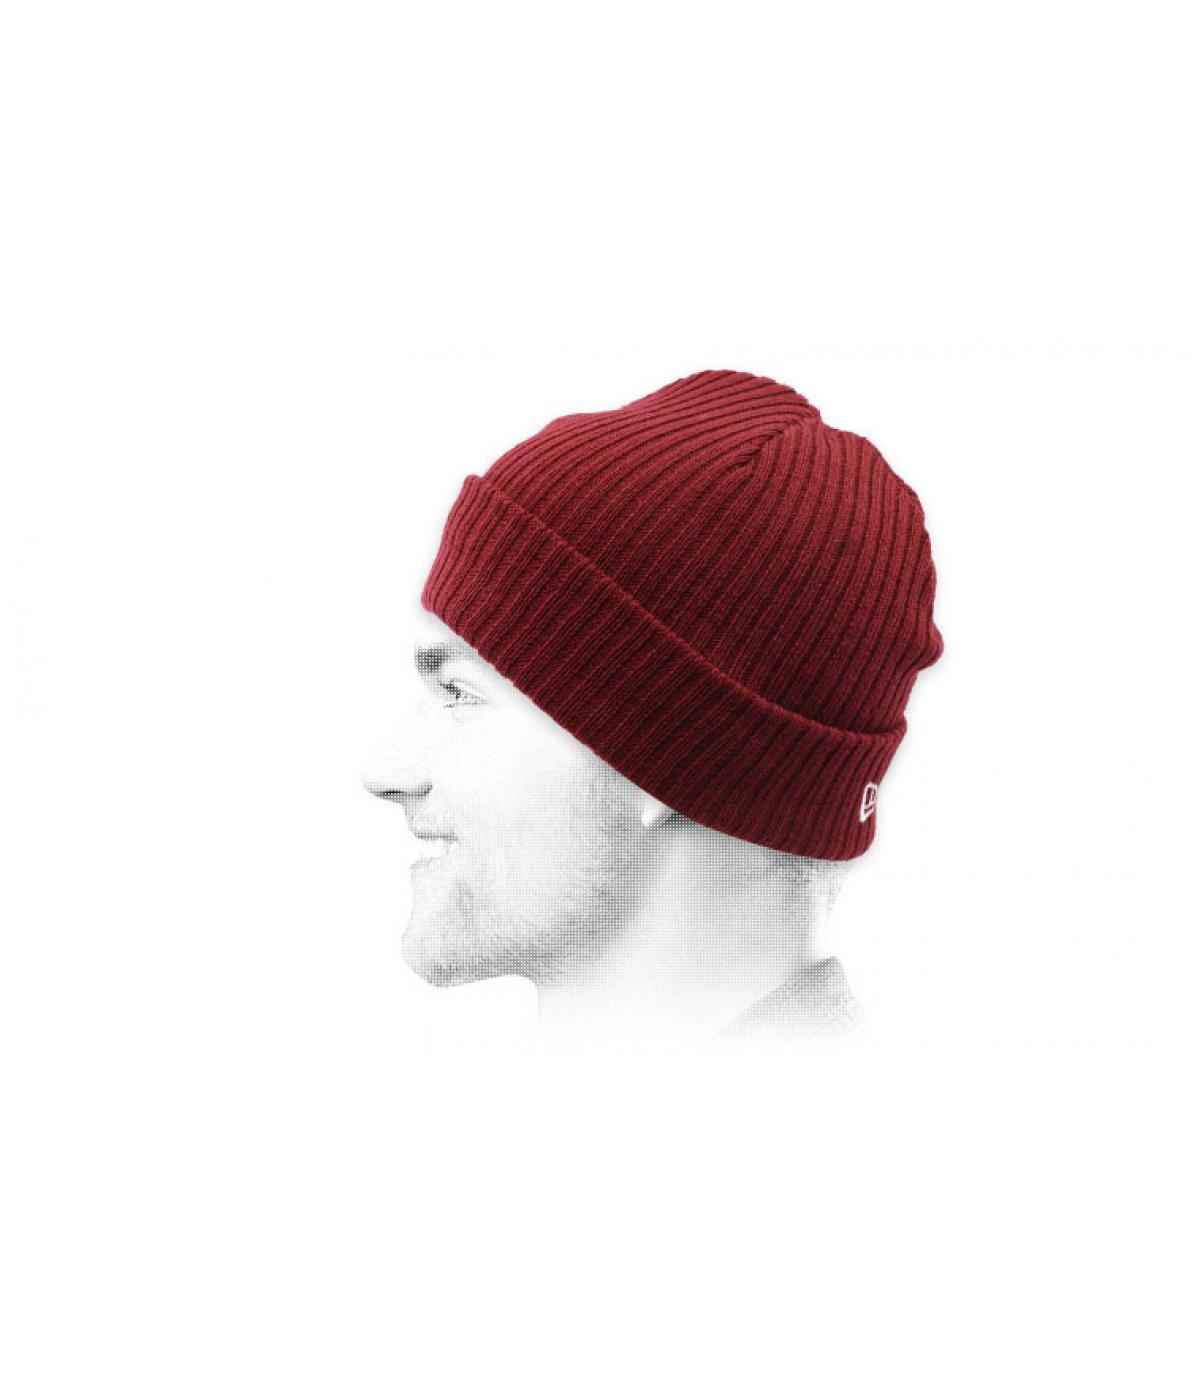 Mütze docker bordeaux